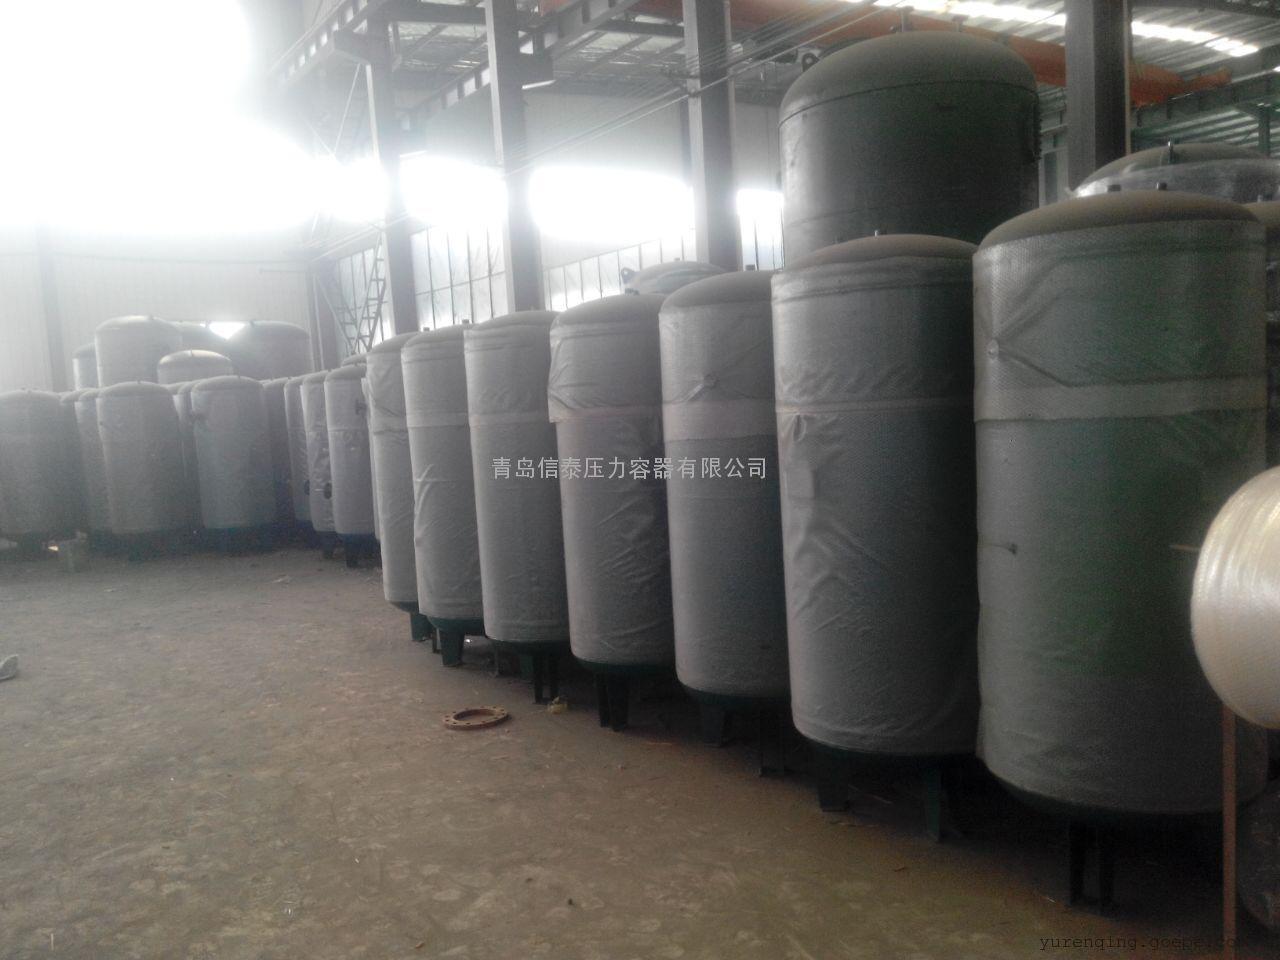 上海天重庆氩气储气罐氩气缓冲罐氩气罐5立方氩气储罐厂家直销